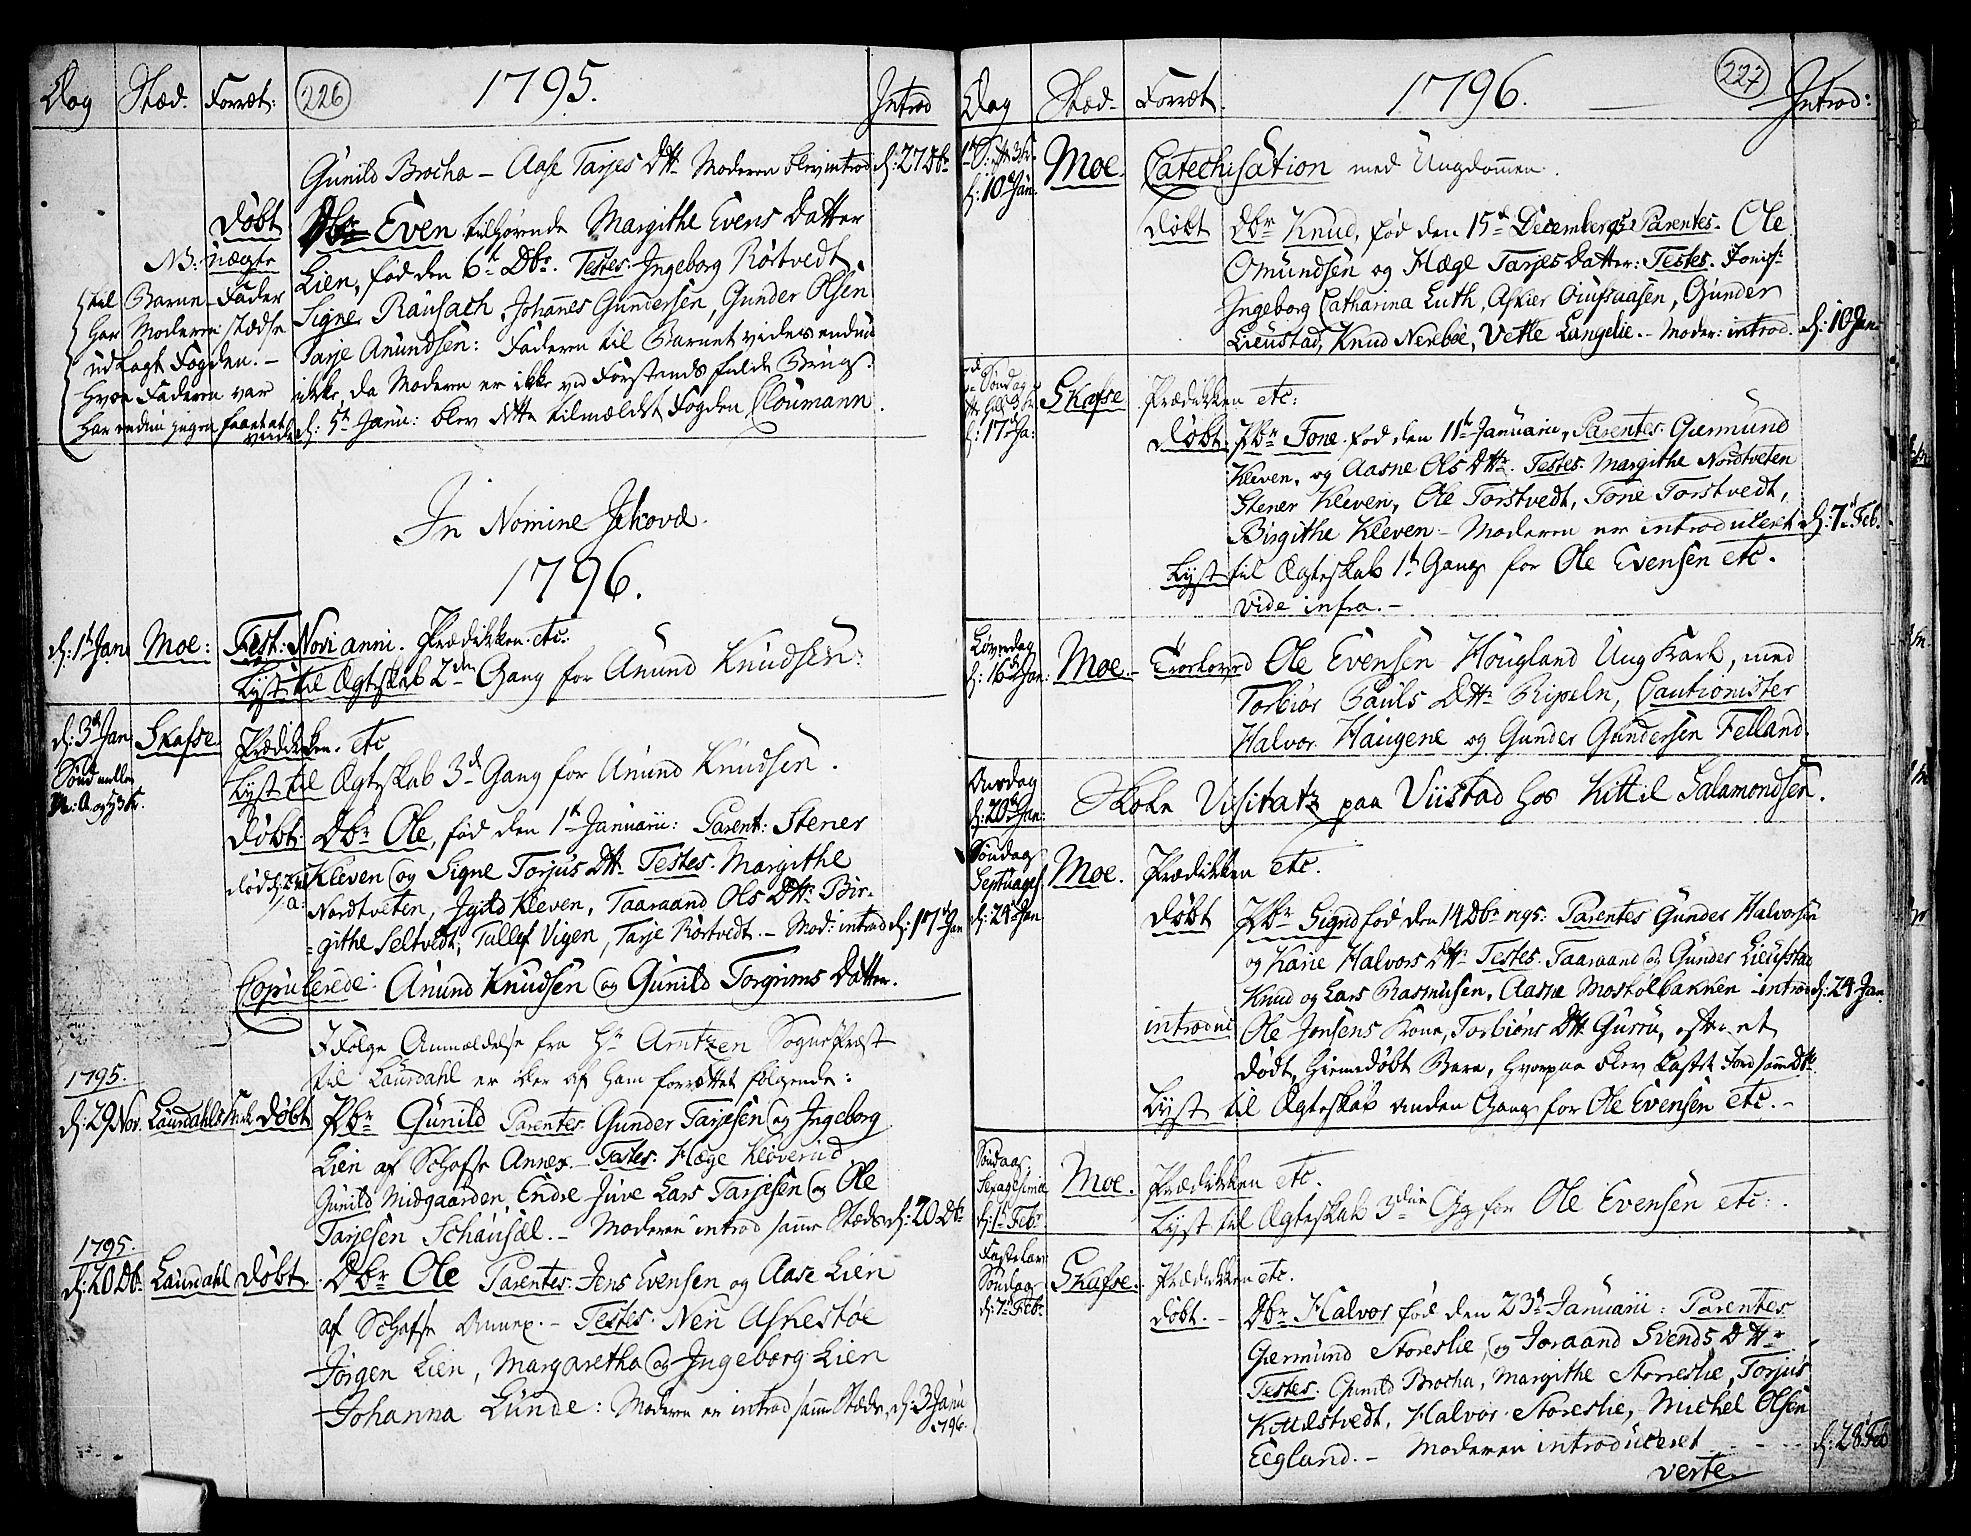 SAKO, Mo kirkebøker, F/Fa/L0002: Ministerialbok nr. I 2, 1766-1799, s. 226-227